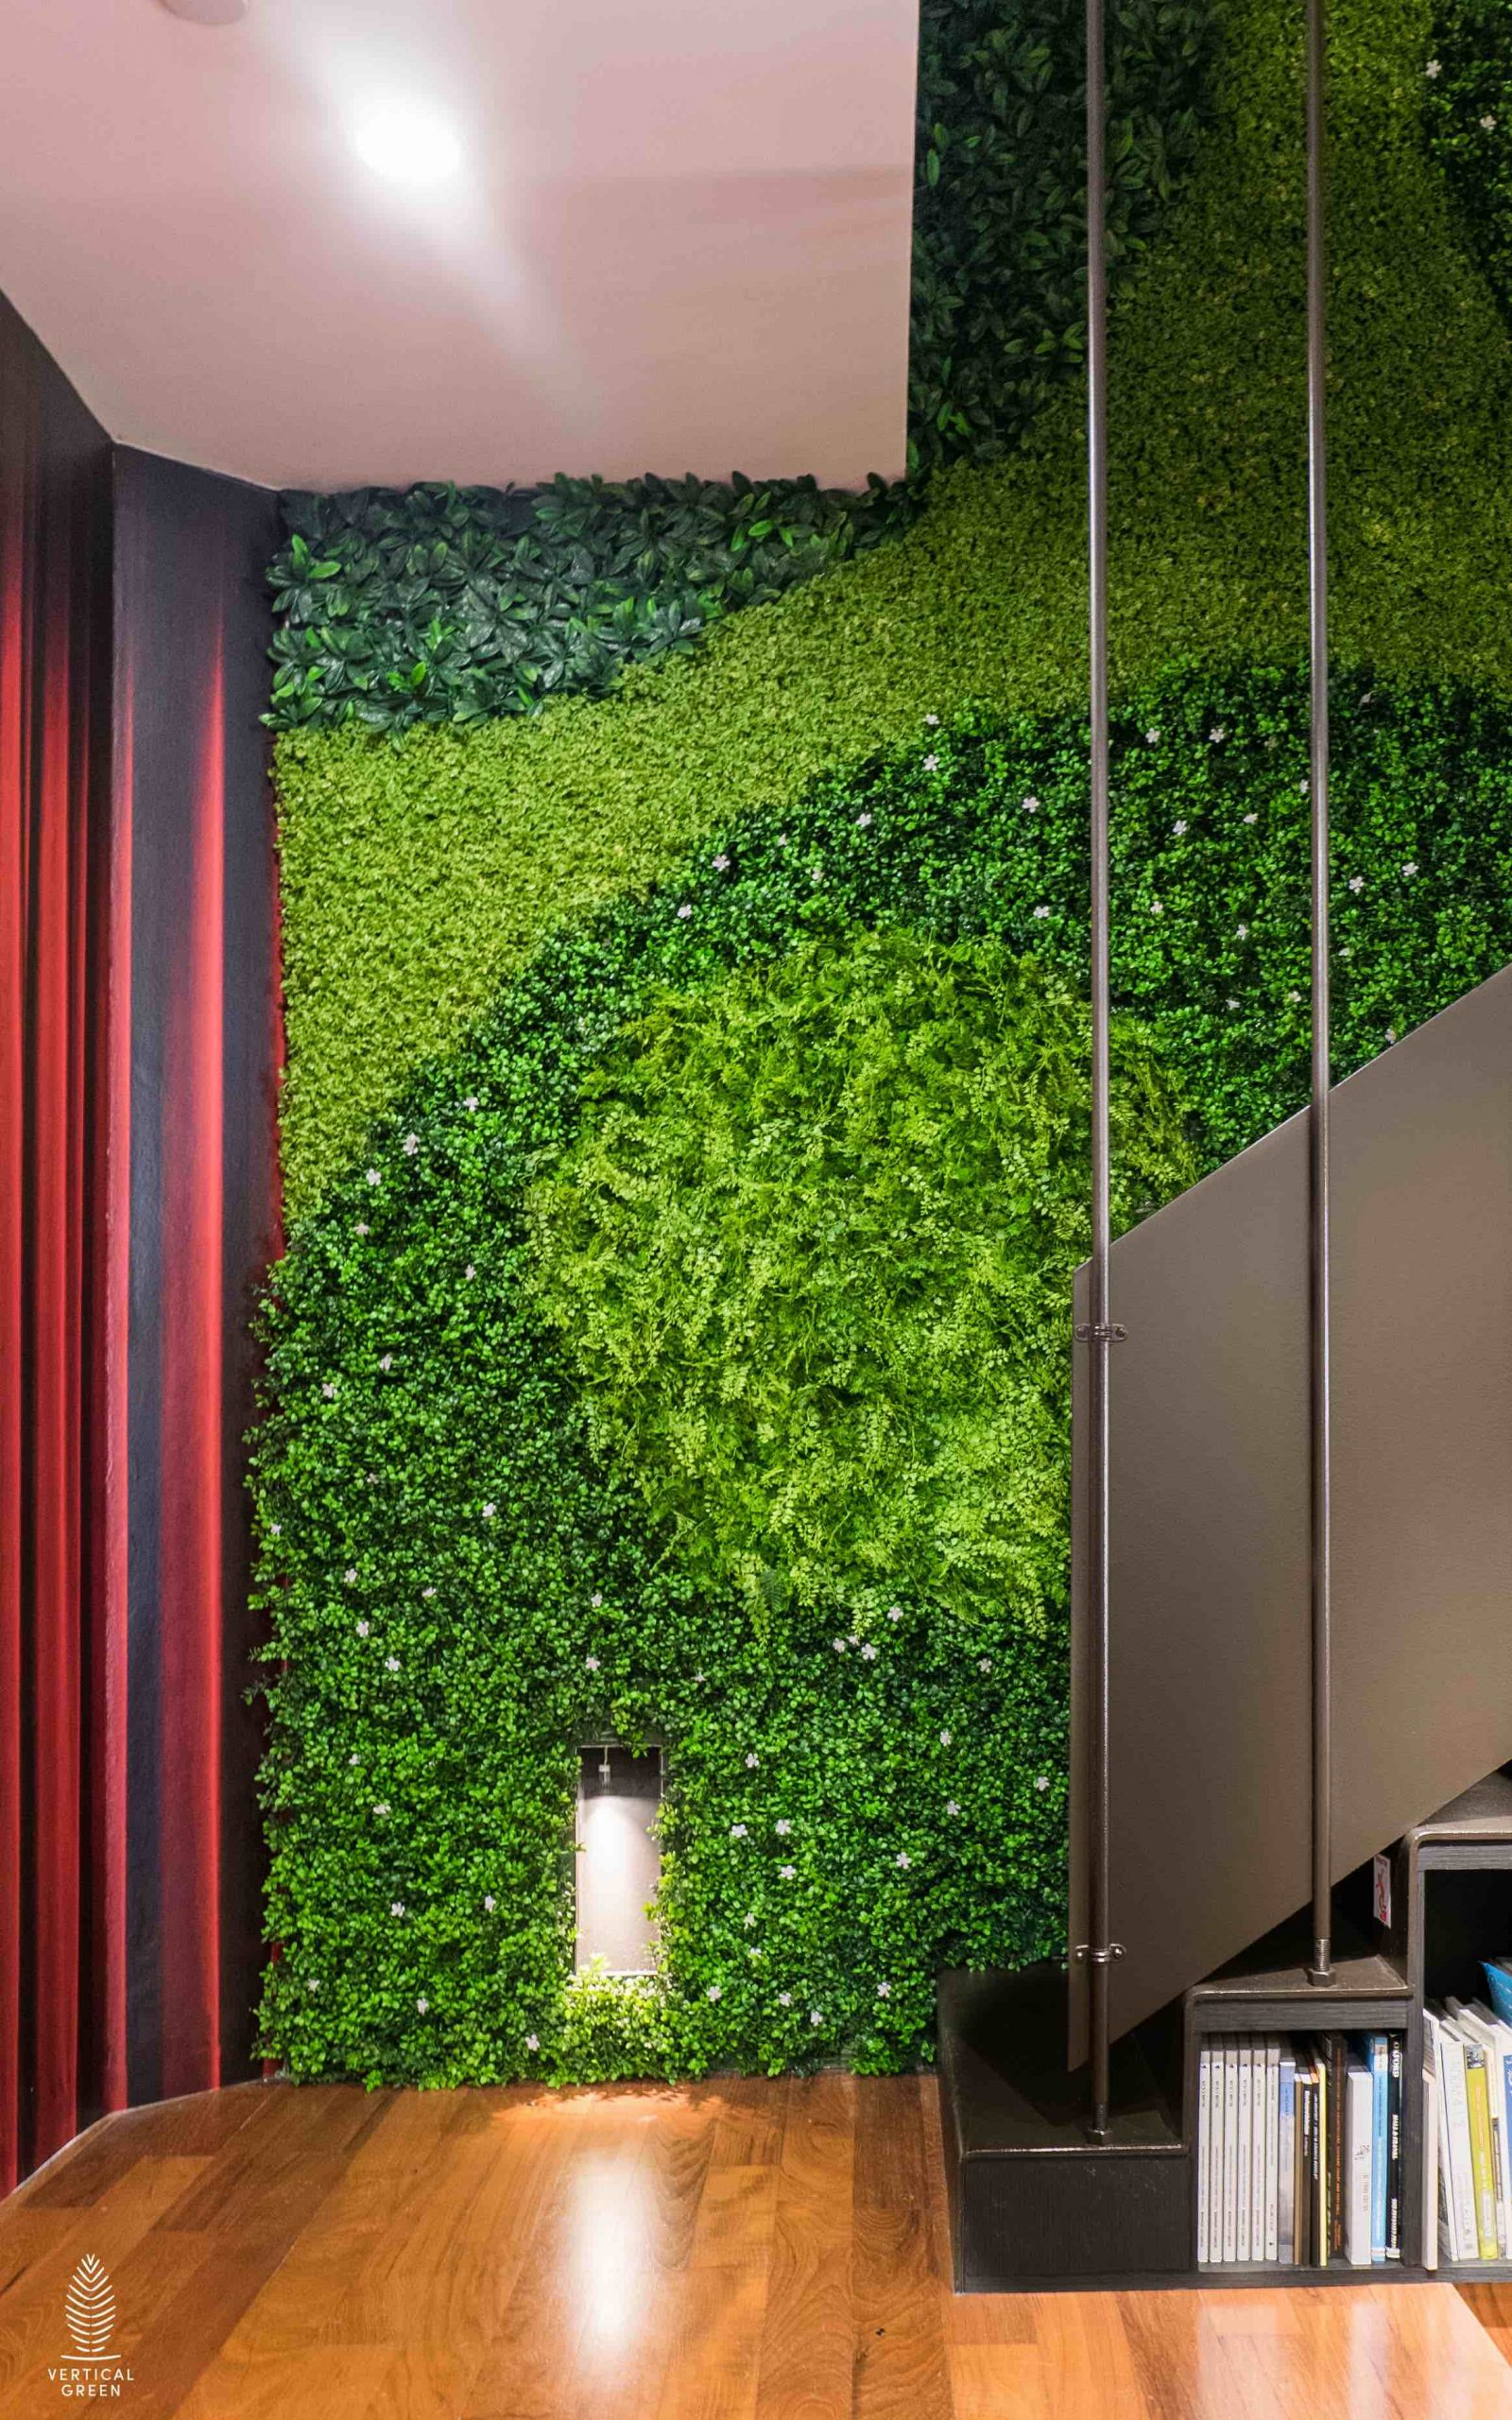 OngOng-@-SFL-Building-Artificial Green Wall8